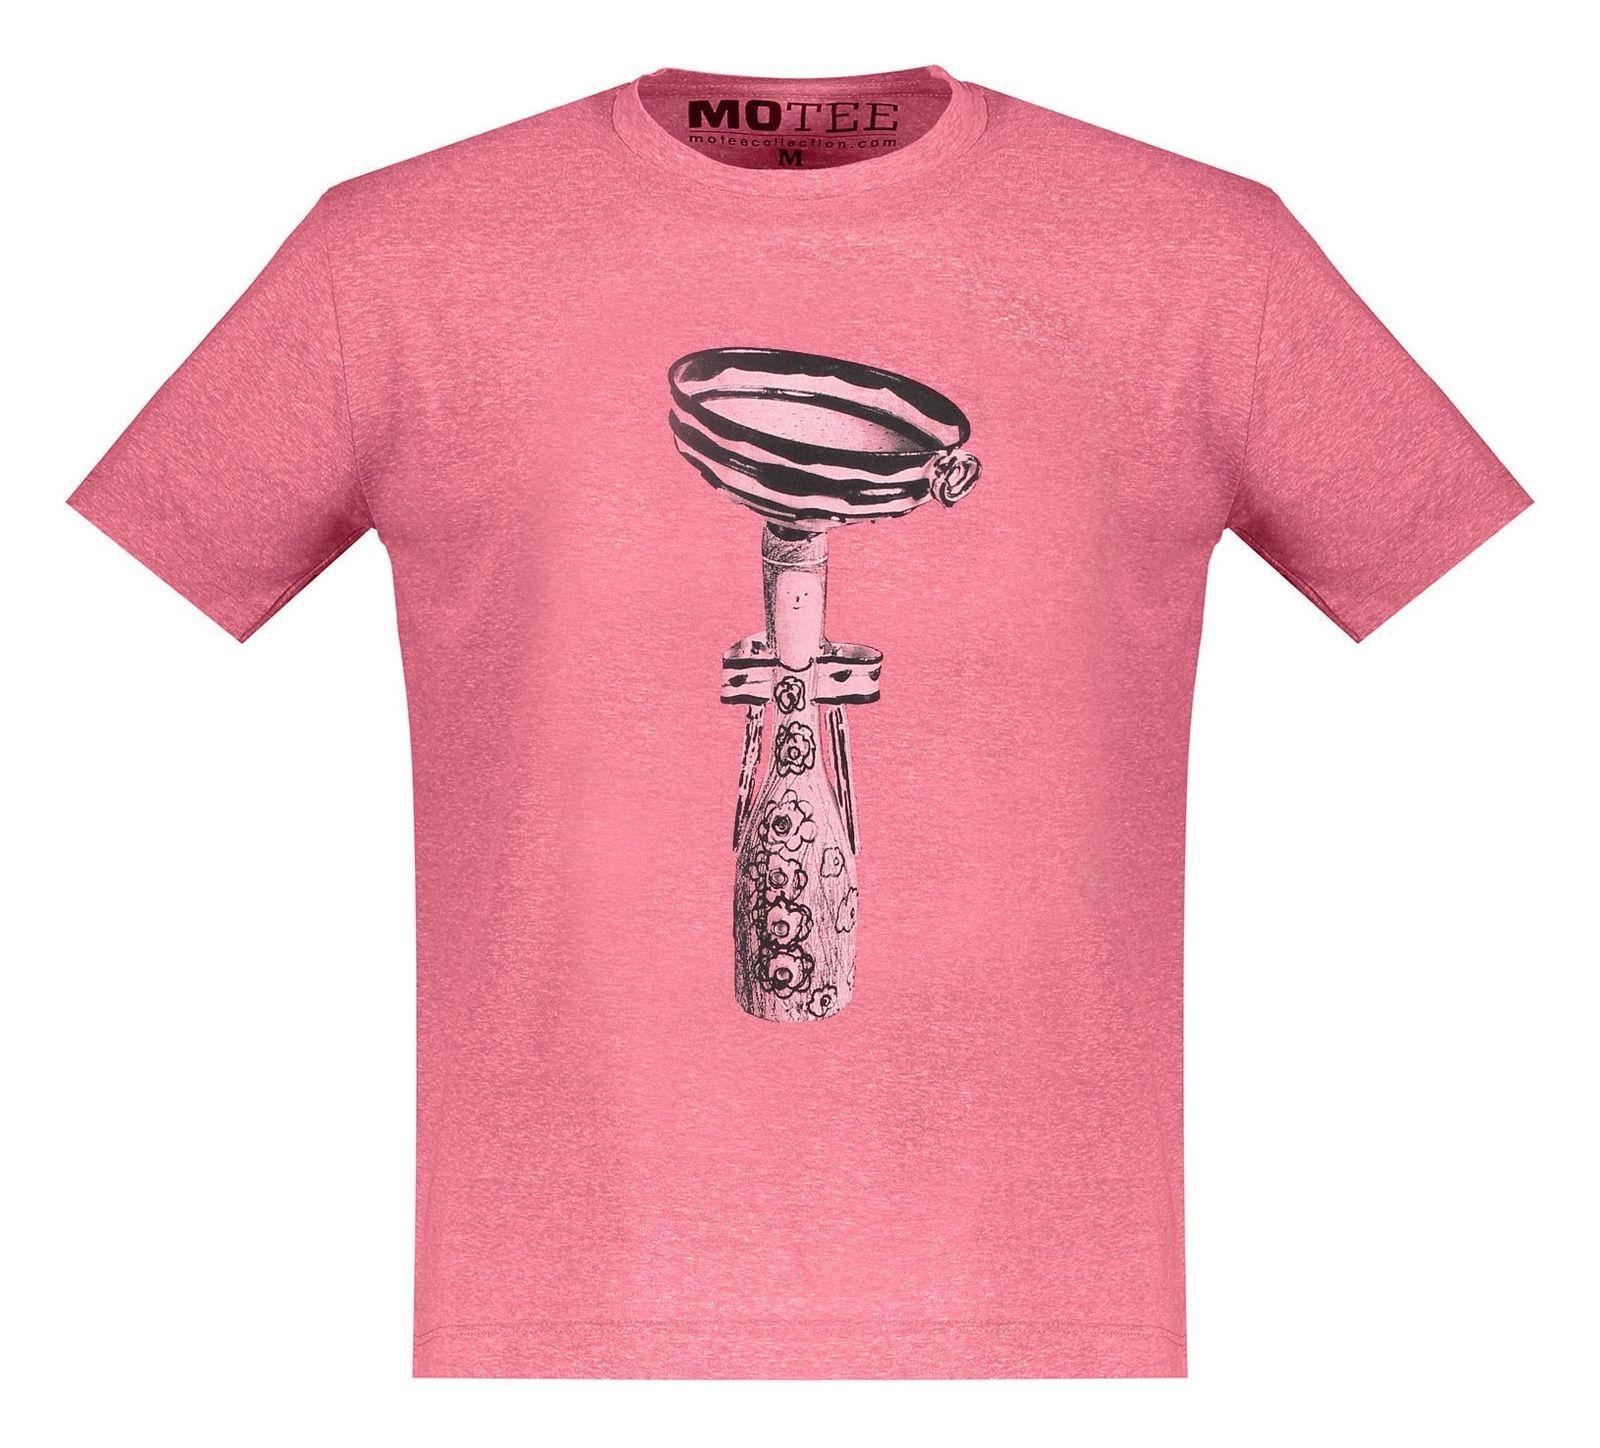 تی شرت یقه گرد مردانه - متی - قرمز - 1